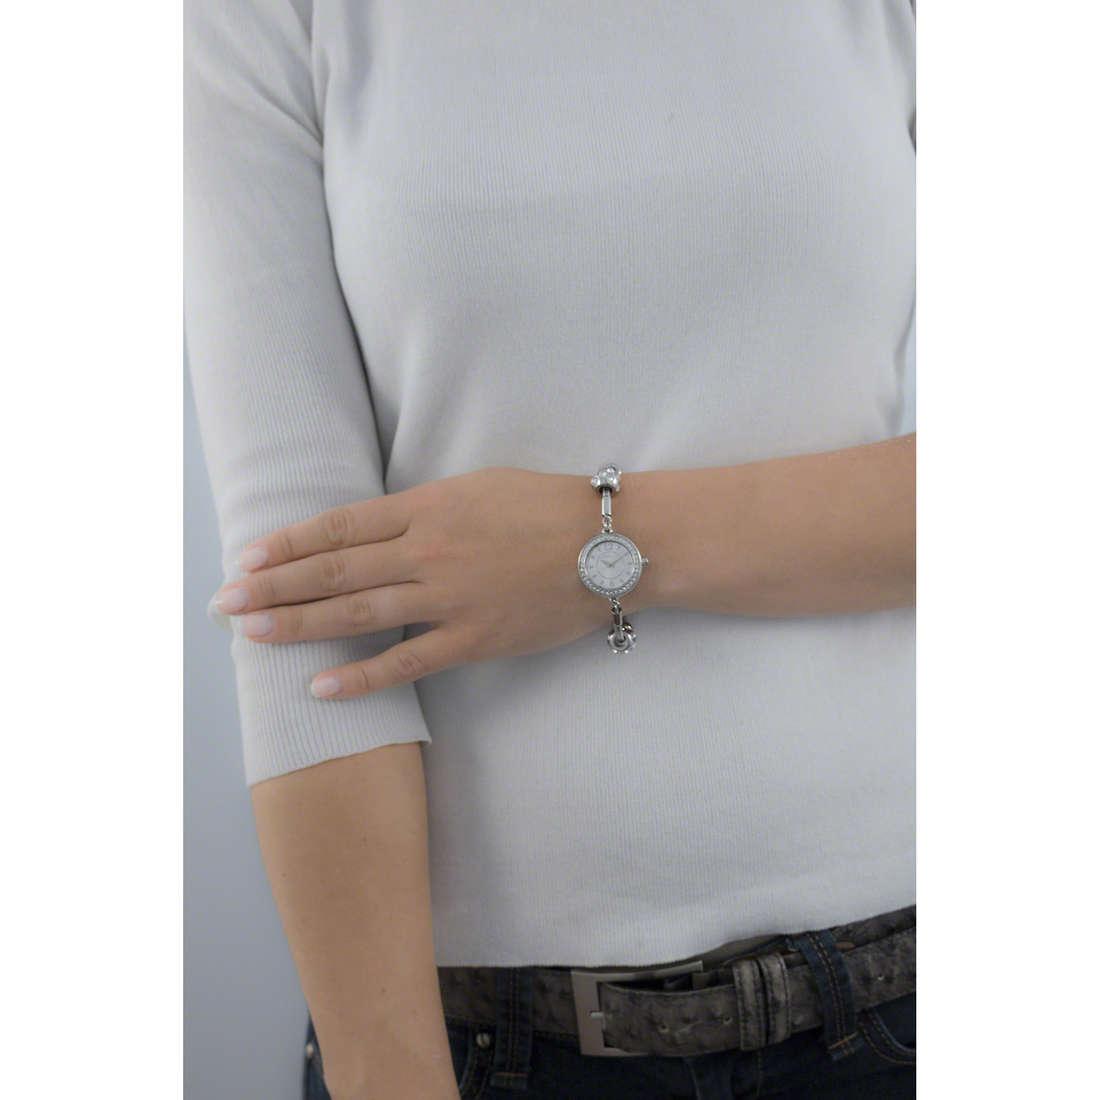 Morellato seul le temps Drops Orologi femme R0153122507 indosso